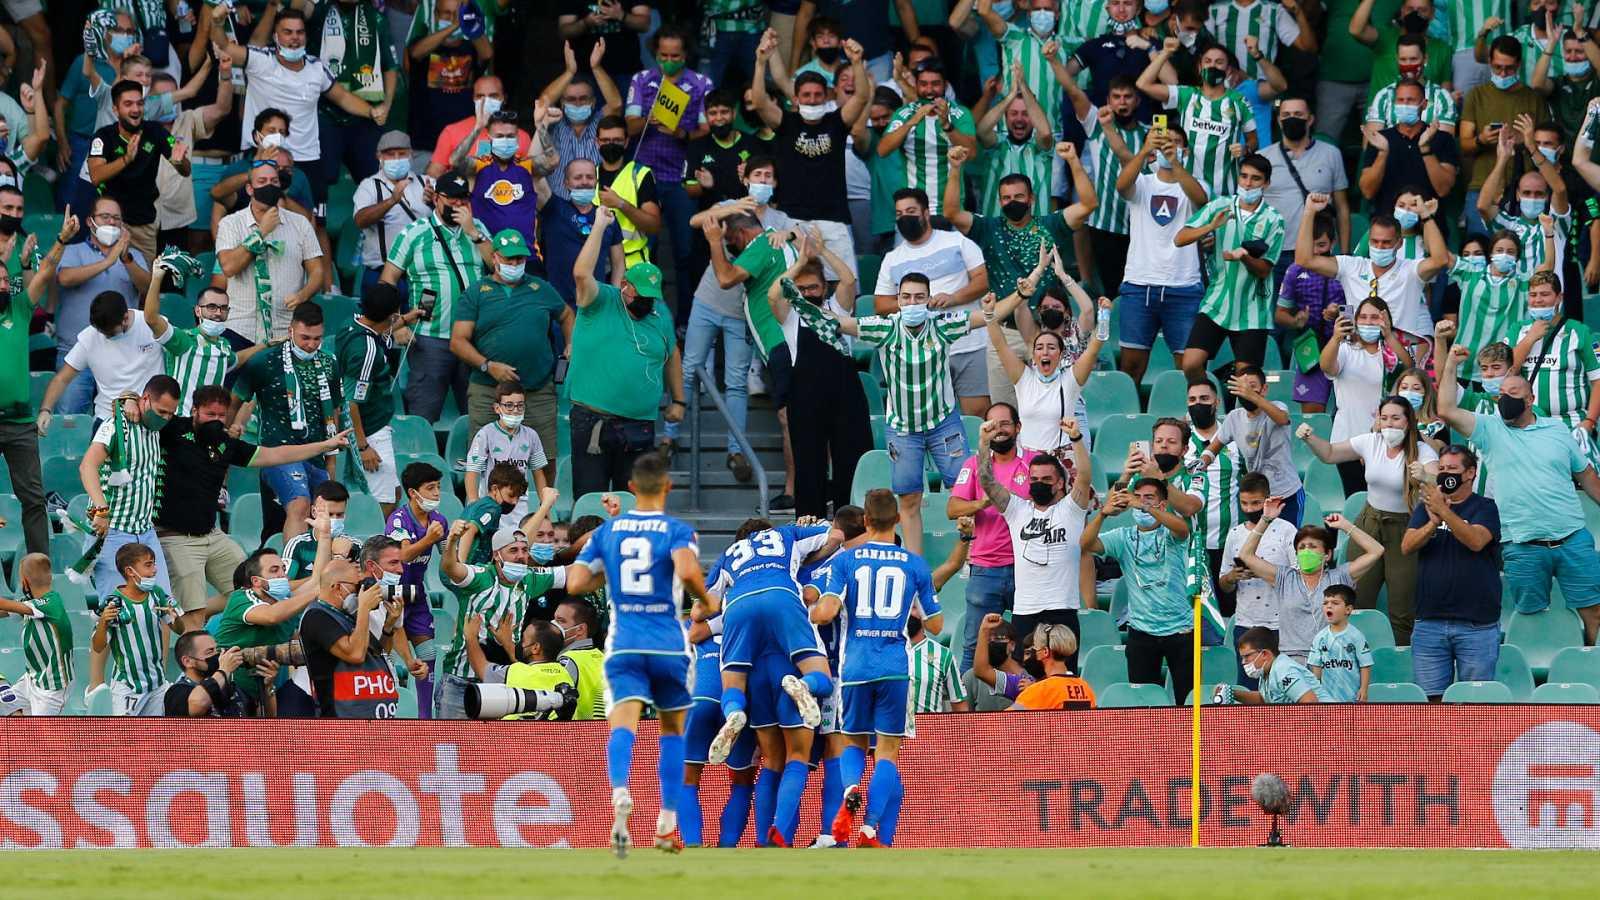 El Betis remonta un 0-2 al Celtic y se lleva un partido vibrante mientras la Real Sociedad empata en Eindhoven